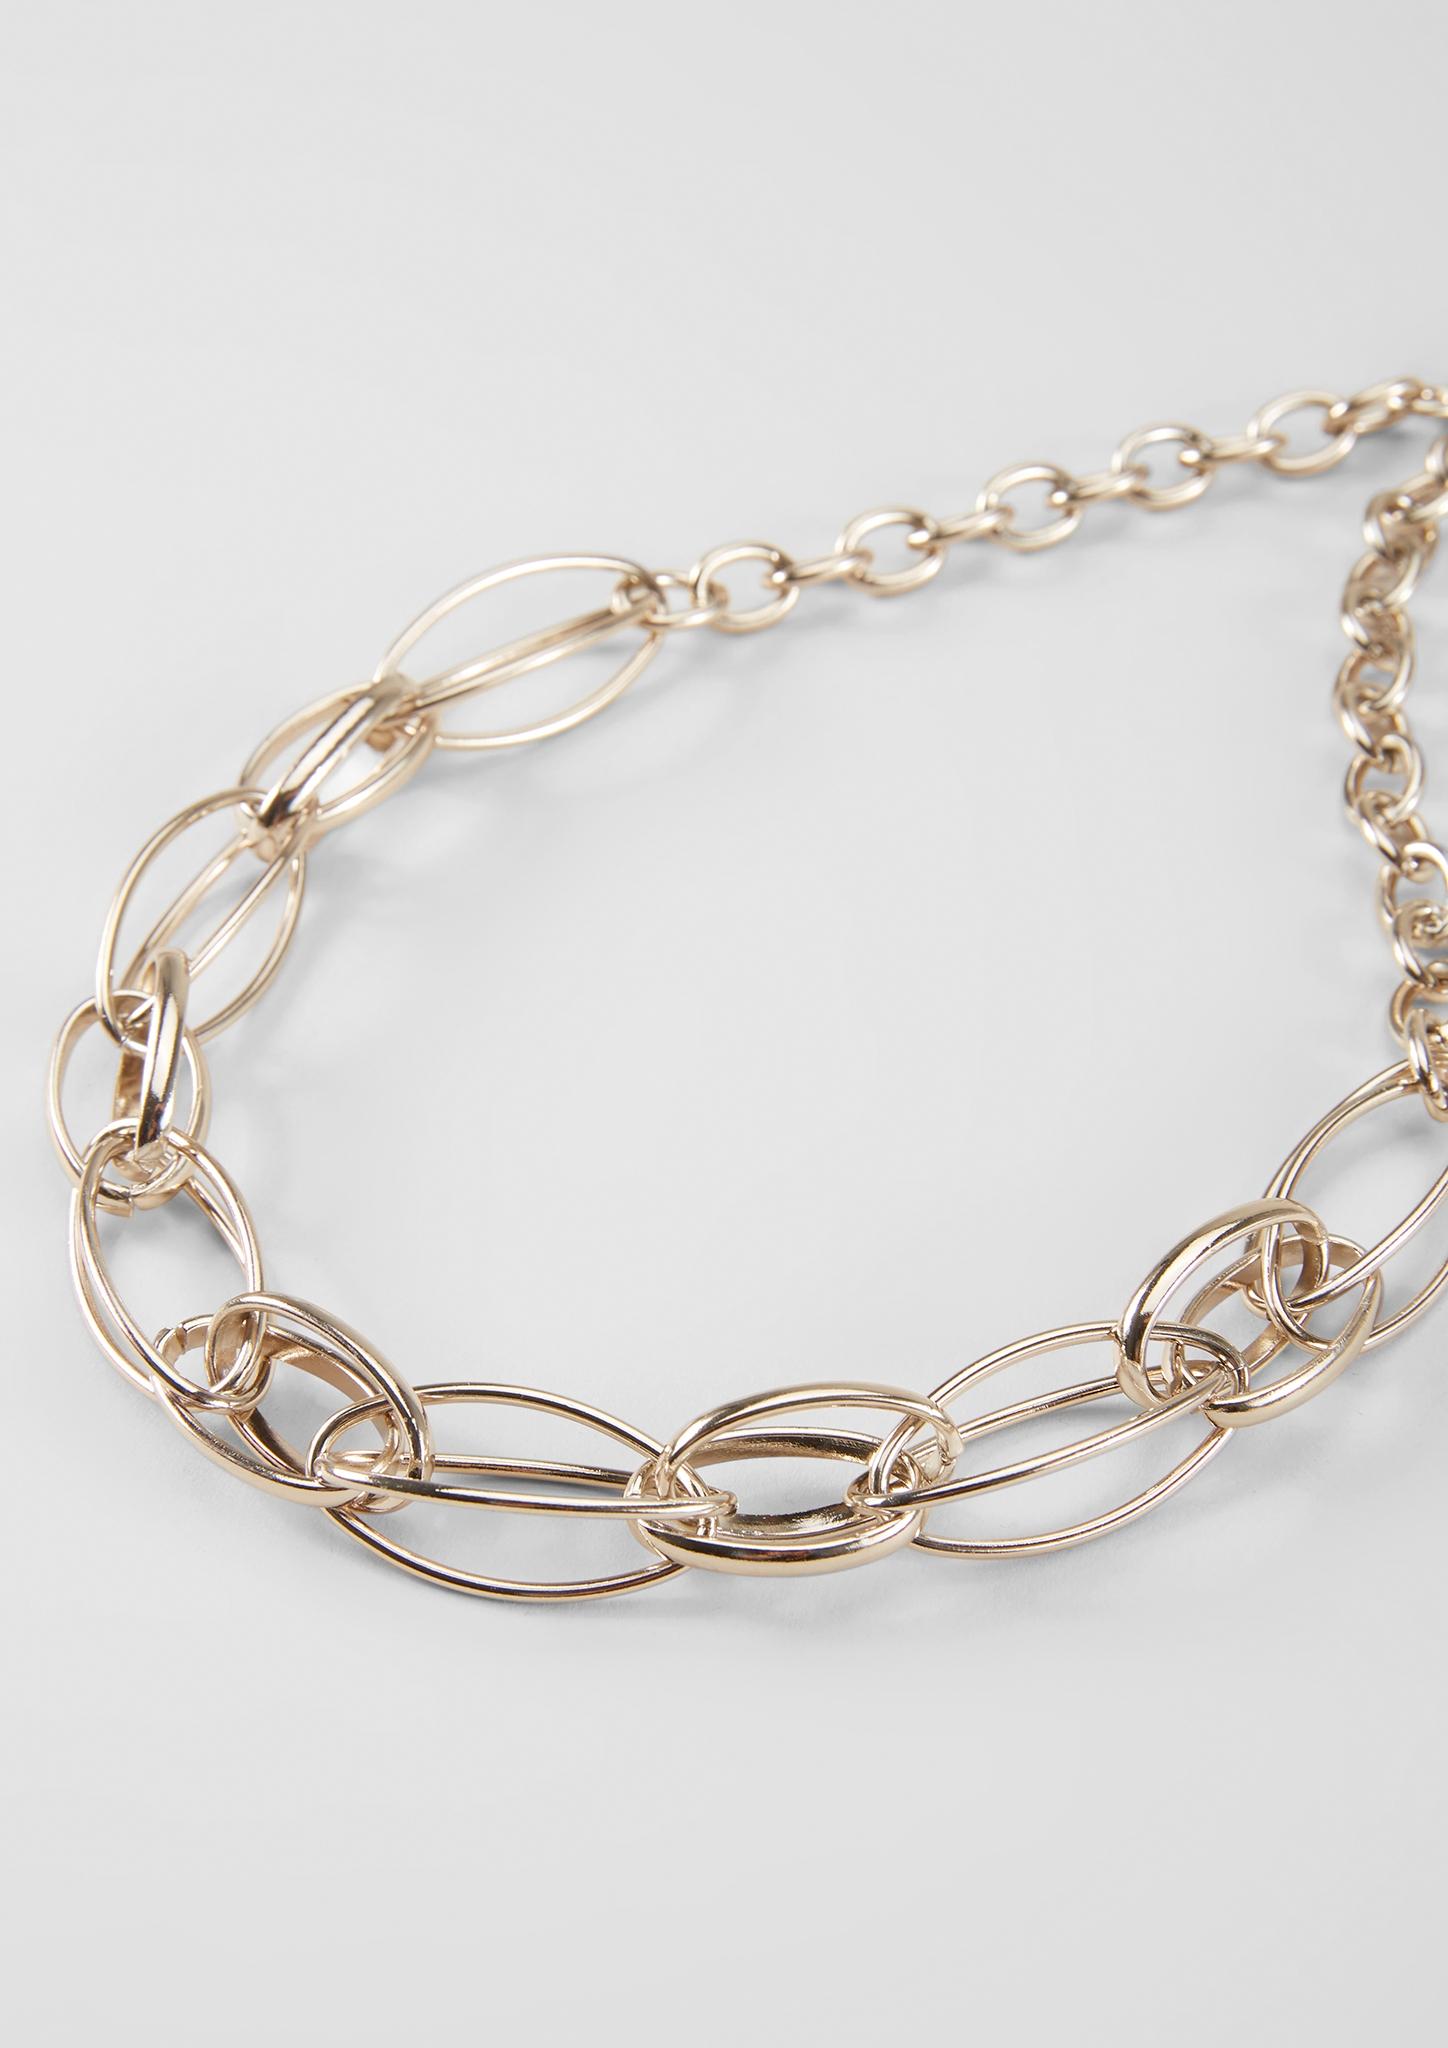 Statement-Kette | Schmuck > Halsketten > Statementketten | Weiß | 100% metall | s.Oliver